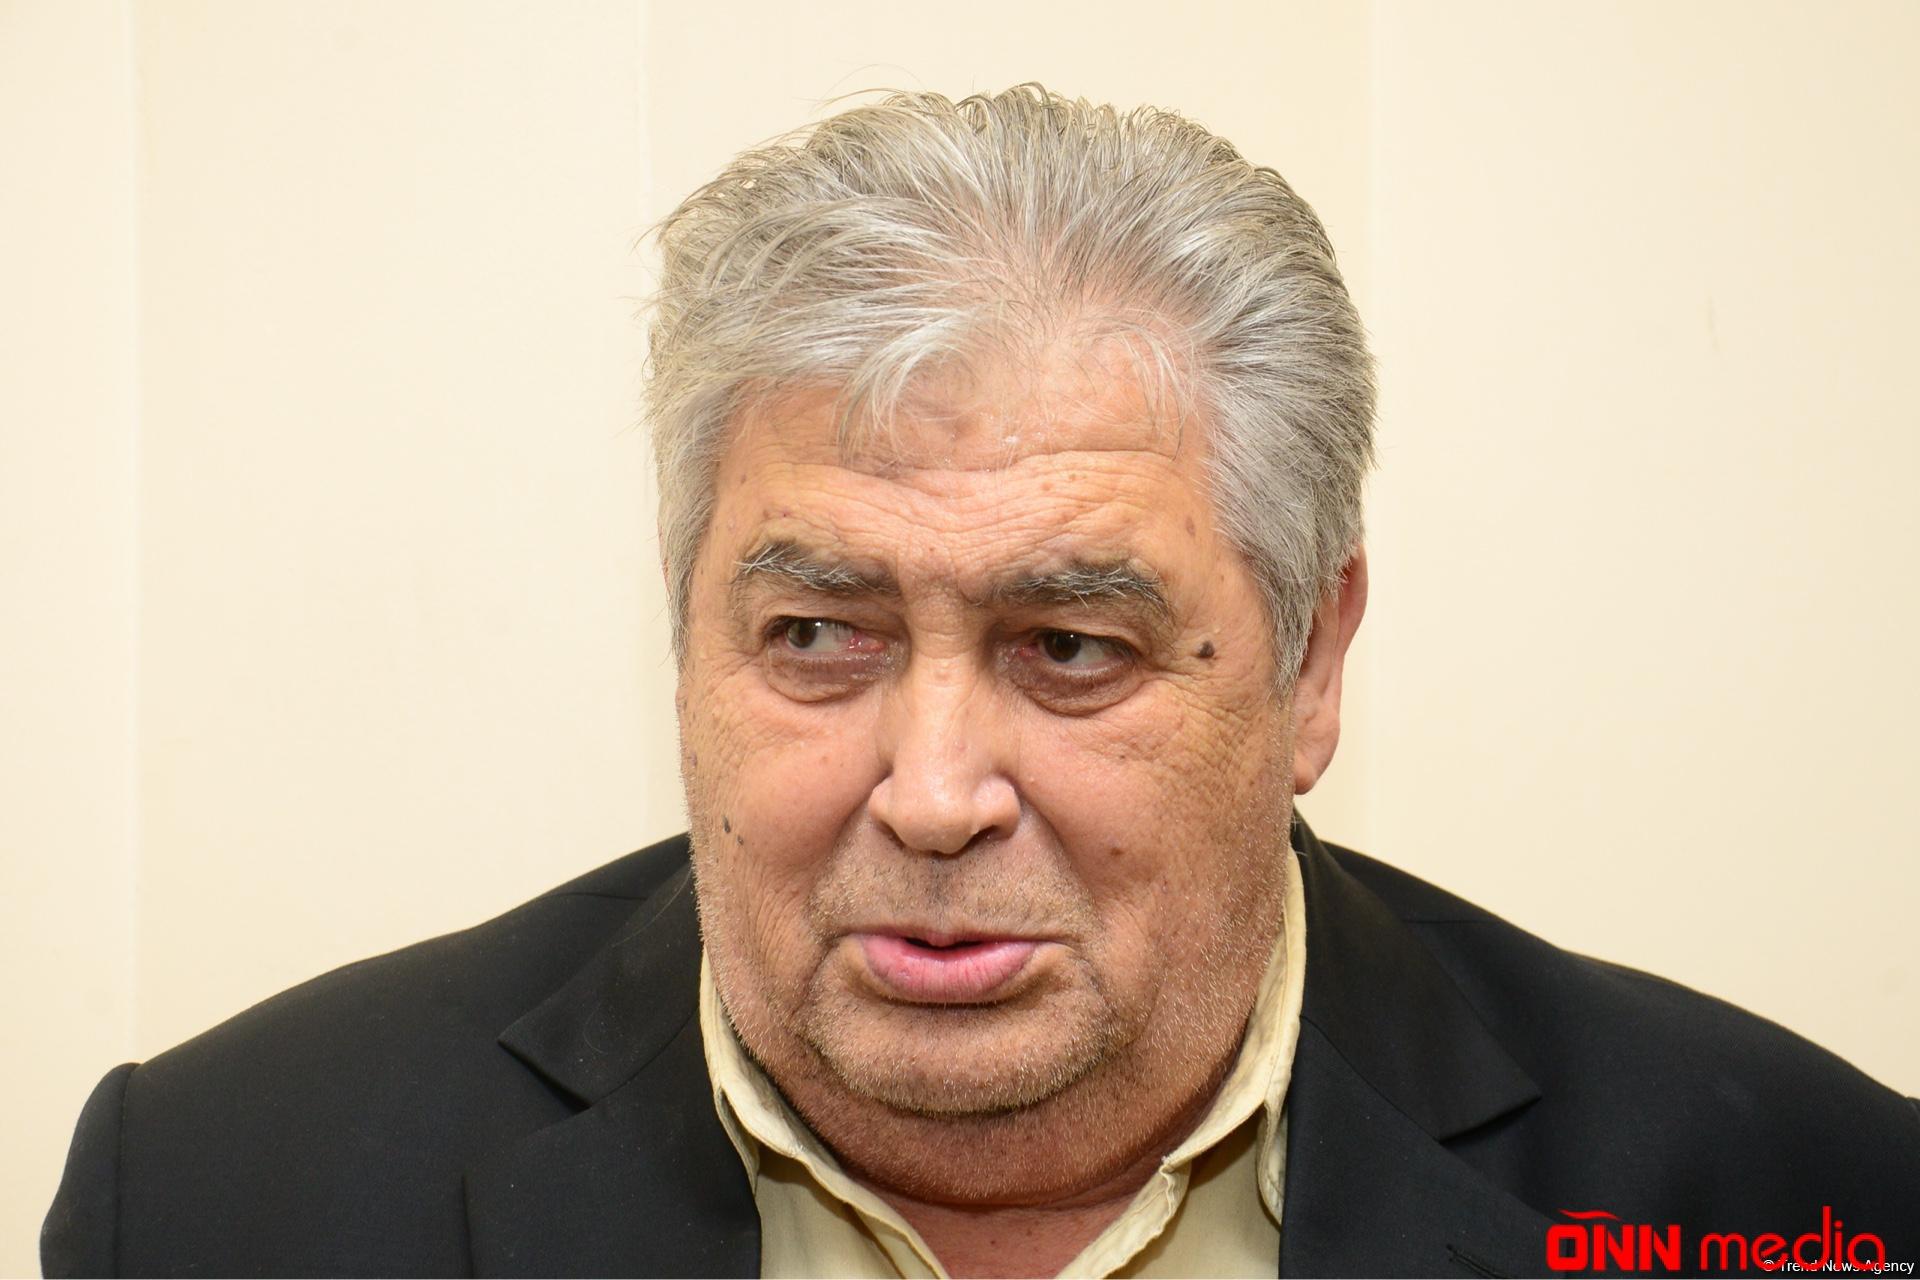 Rəfael Dadaşovdan YENİ XƏBƏR